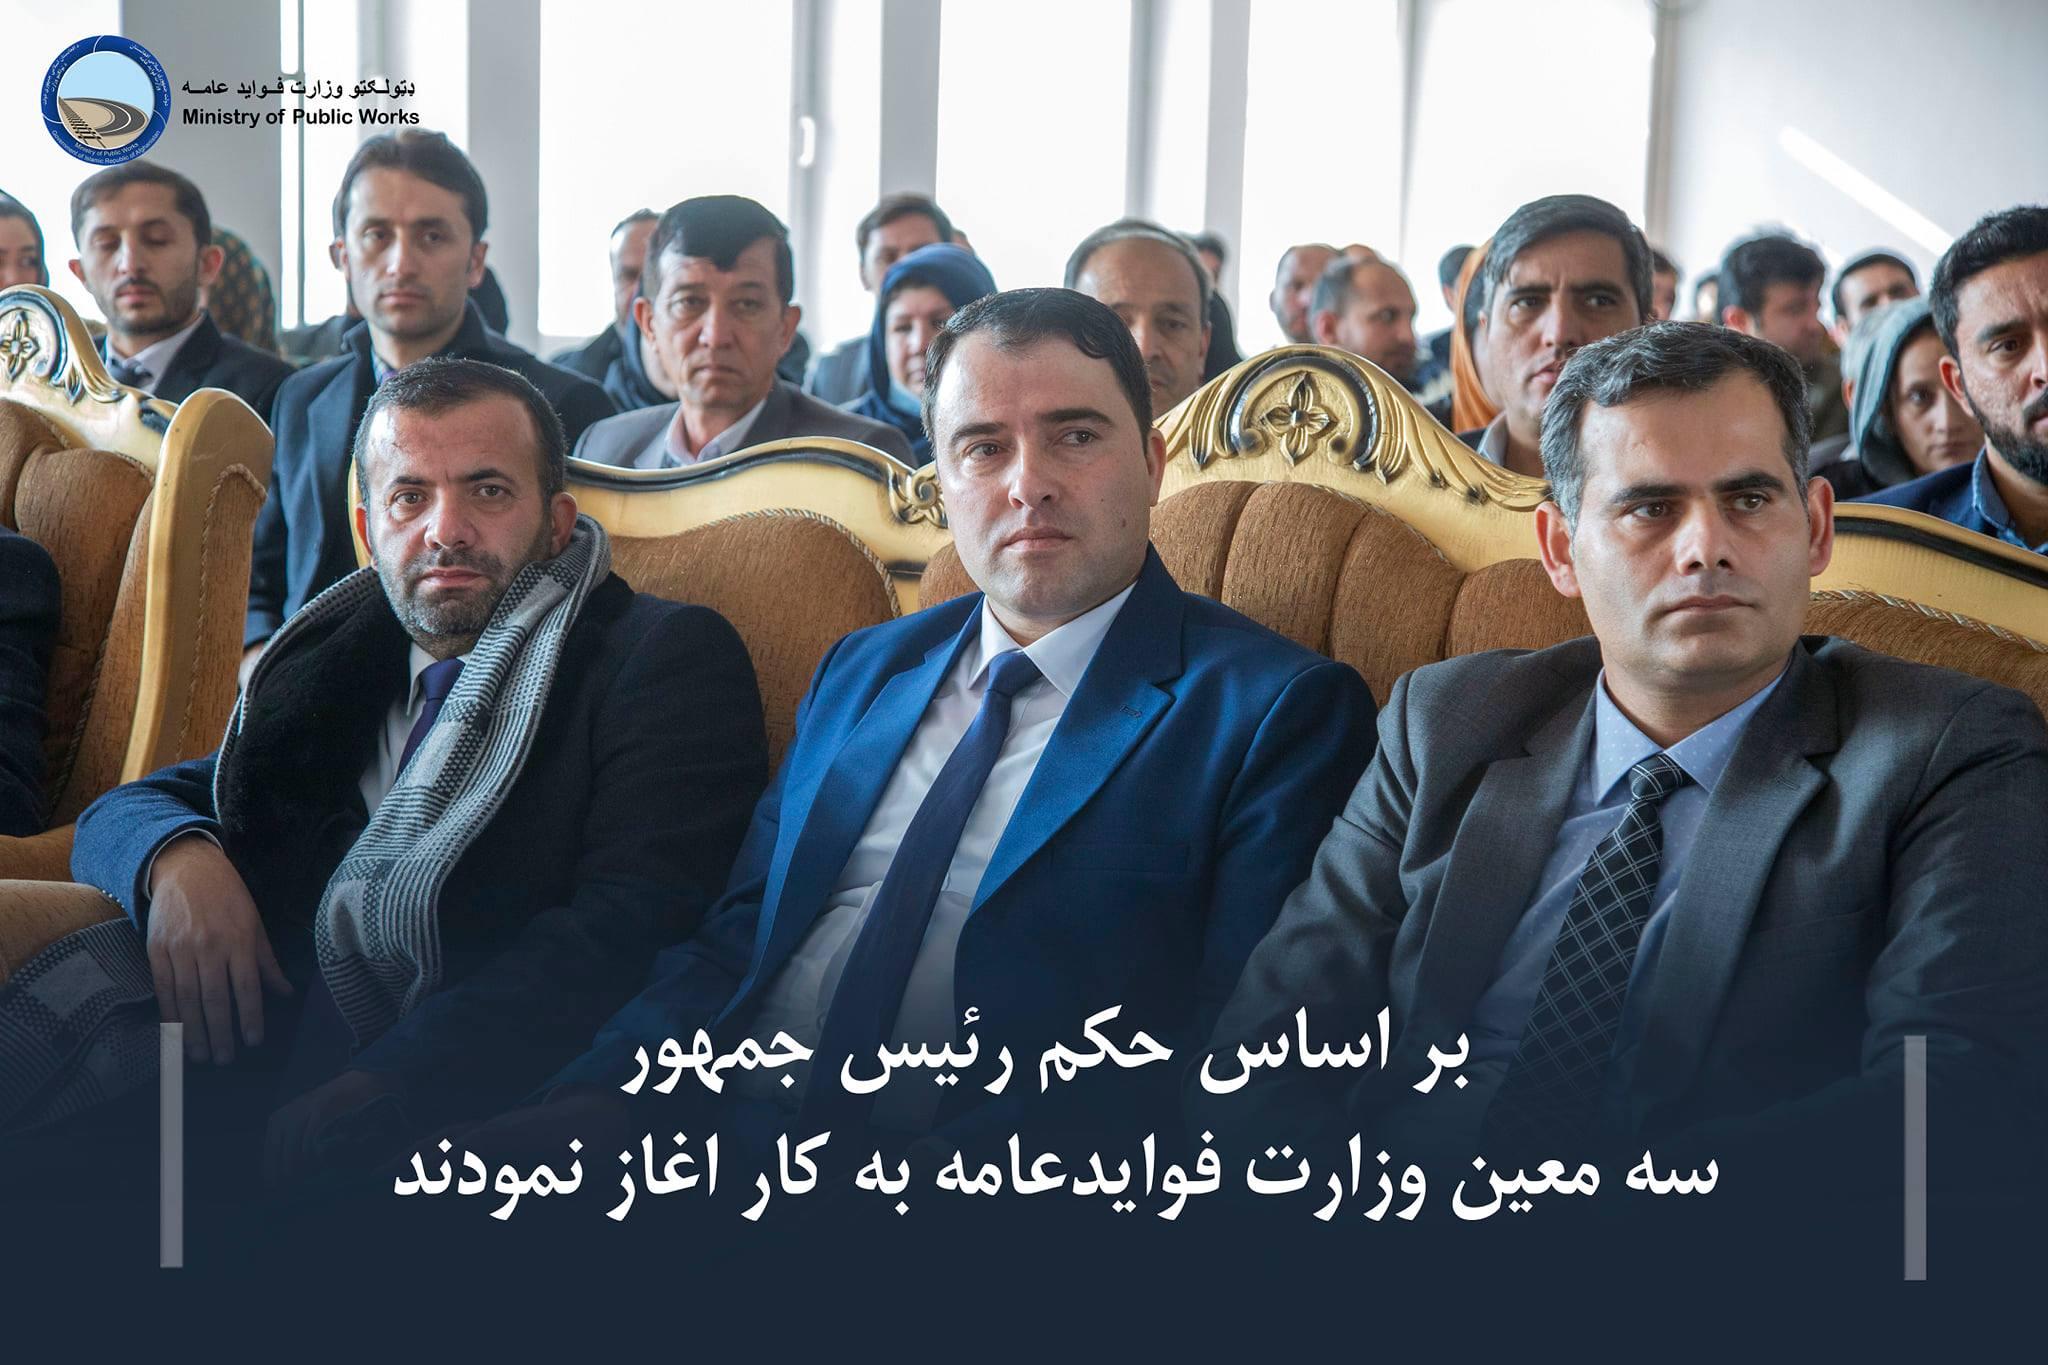 بر اساس حکم رئیس جمهور سه معین وزارت فوایدعامه به کار اغاز نمودند